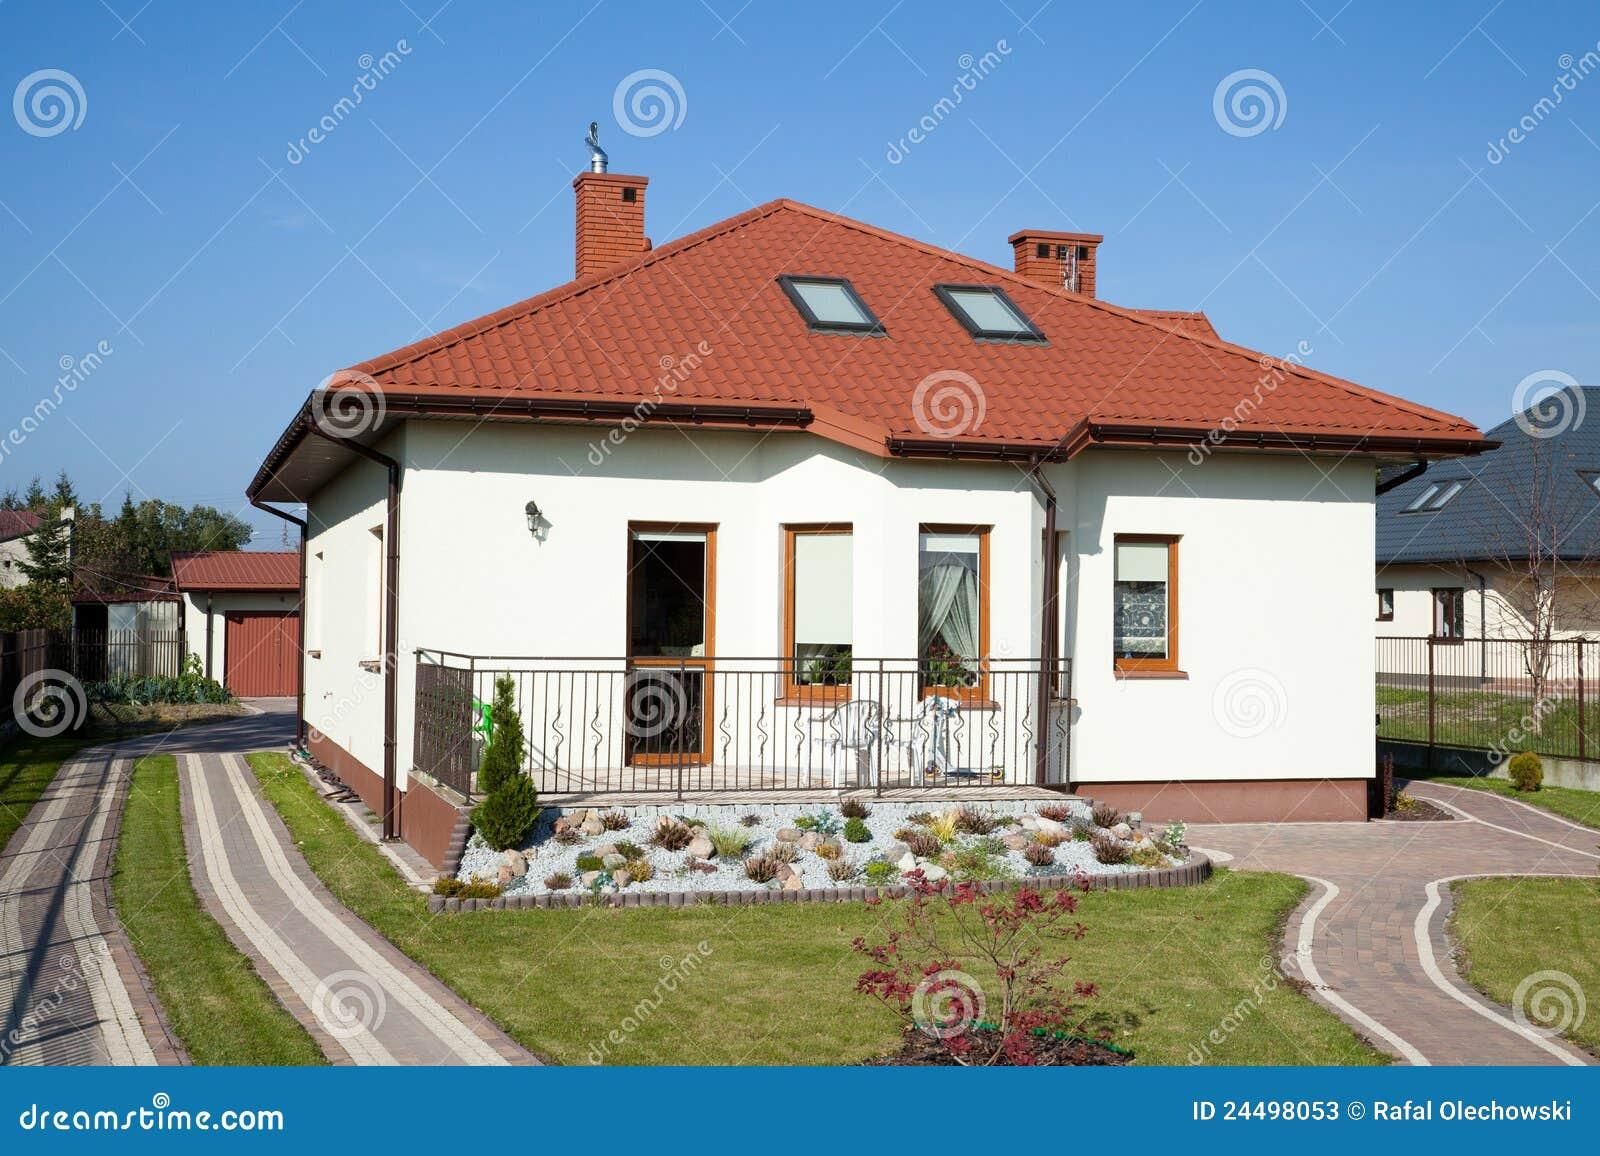 Petite maison de famille dans la couleur blanche image - La maison de la couleur ...